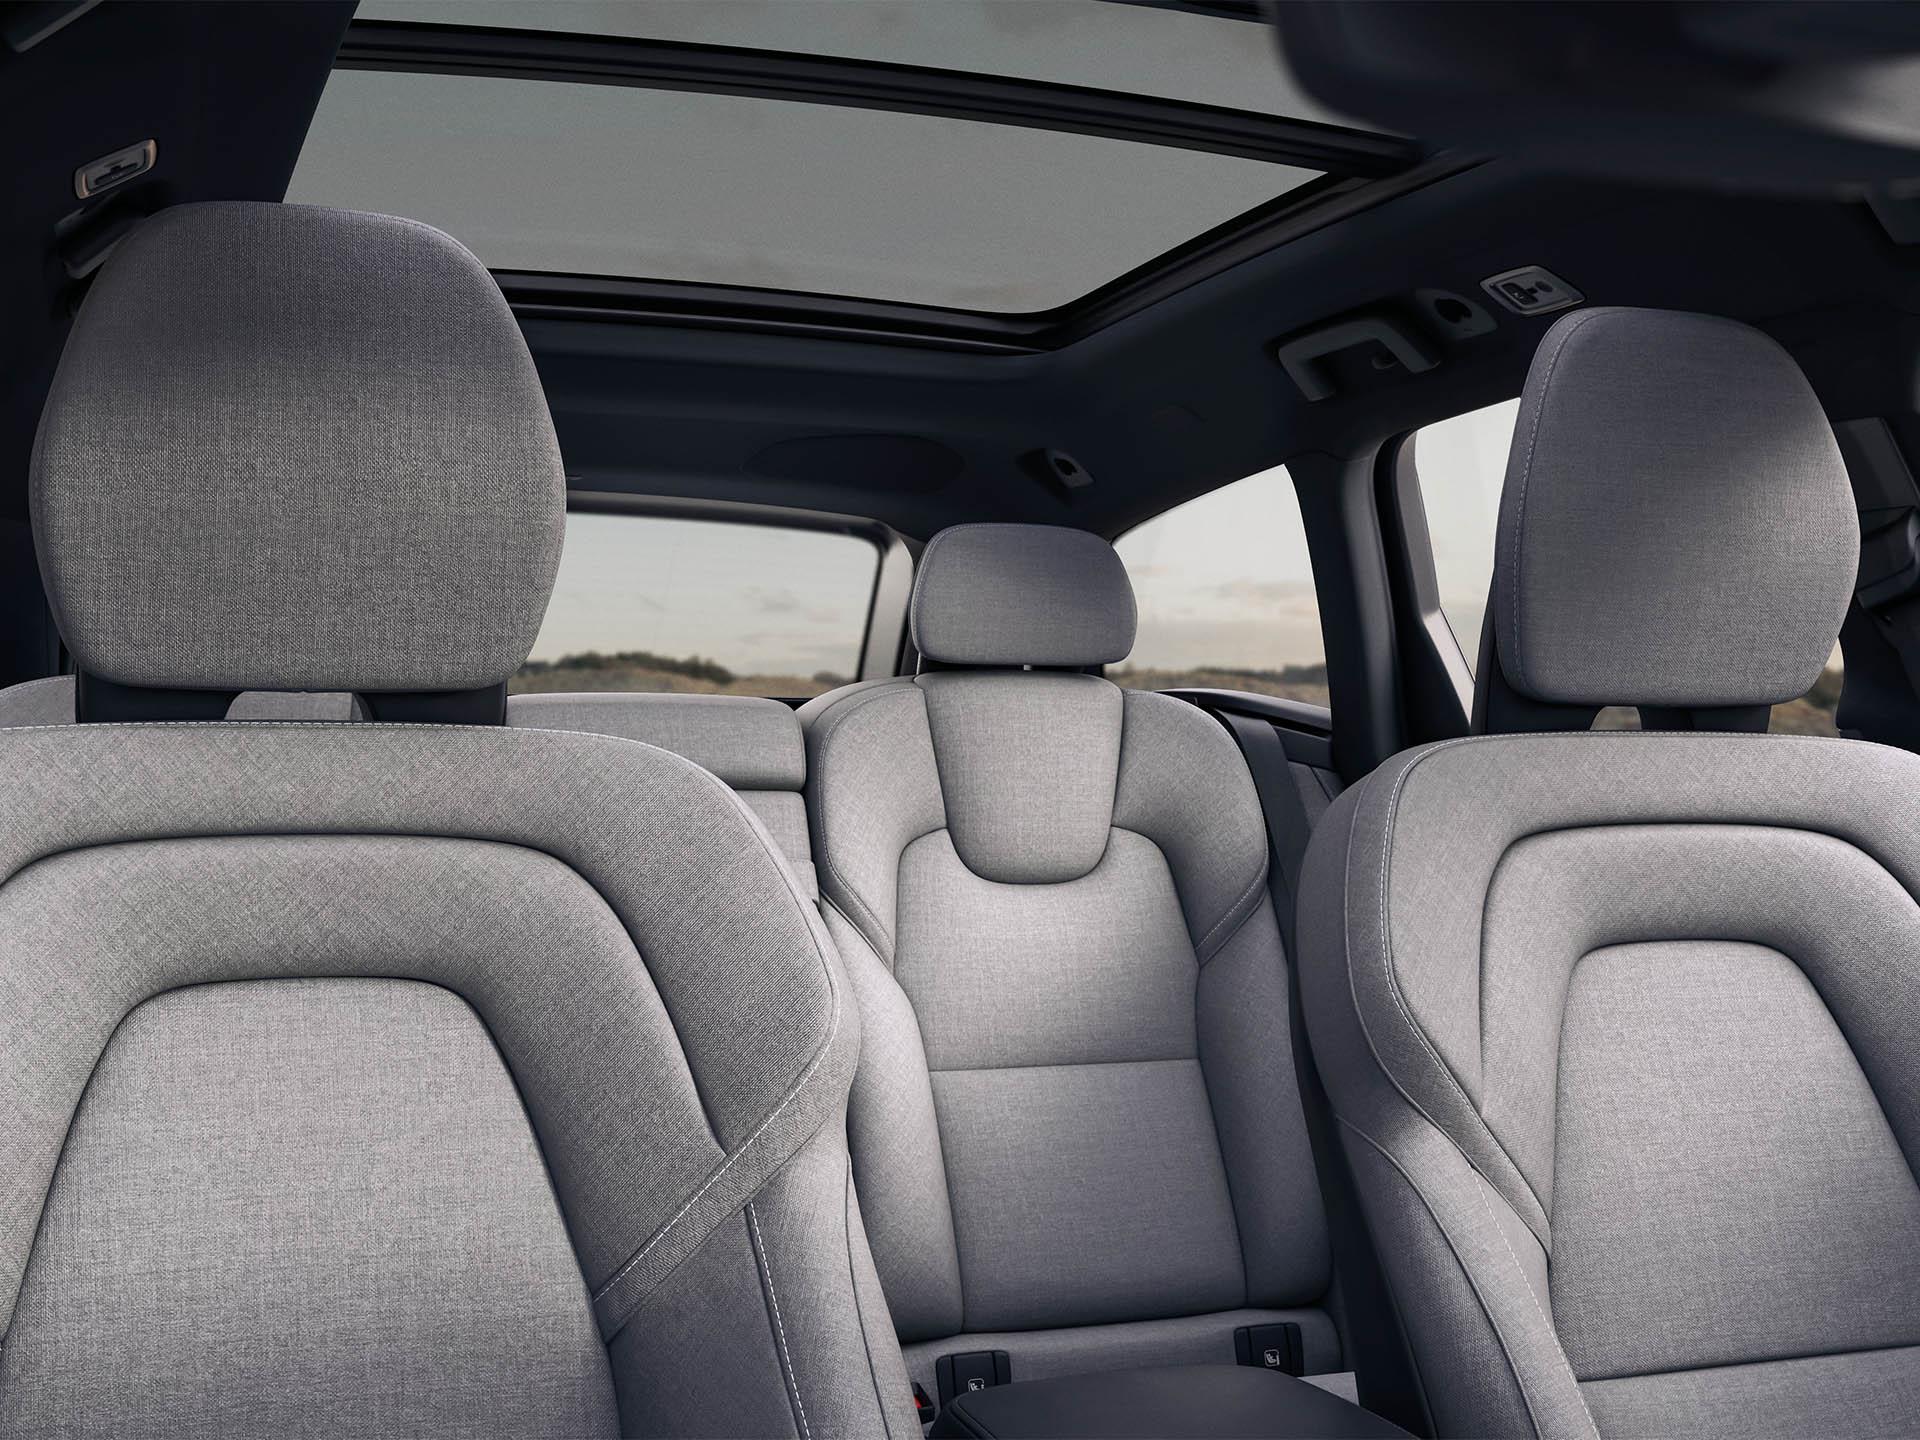 Interieur eines Volvo Kombi, 5 Sitze mit Wolle in Mitternacht-Zink